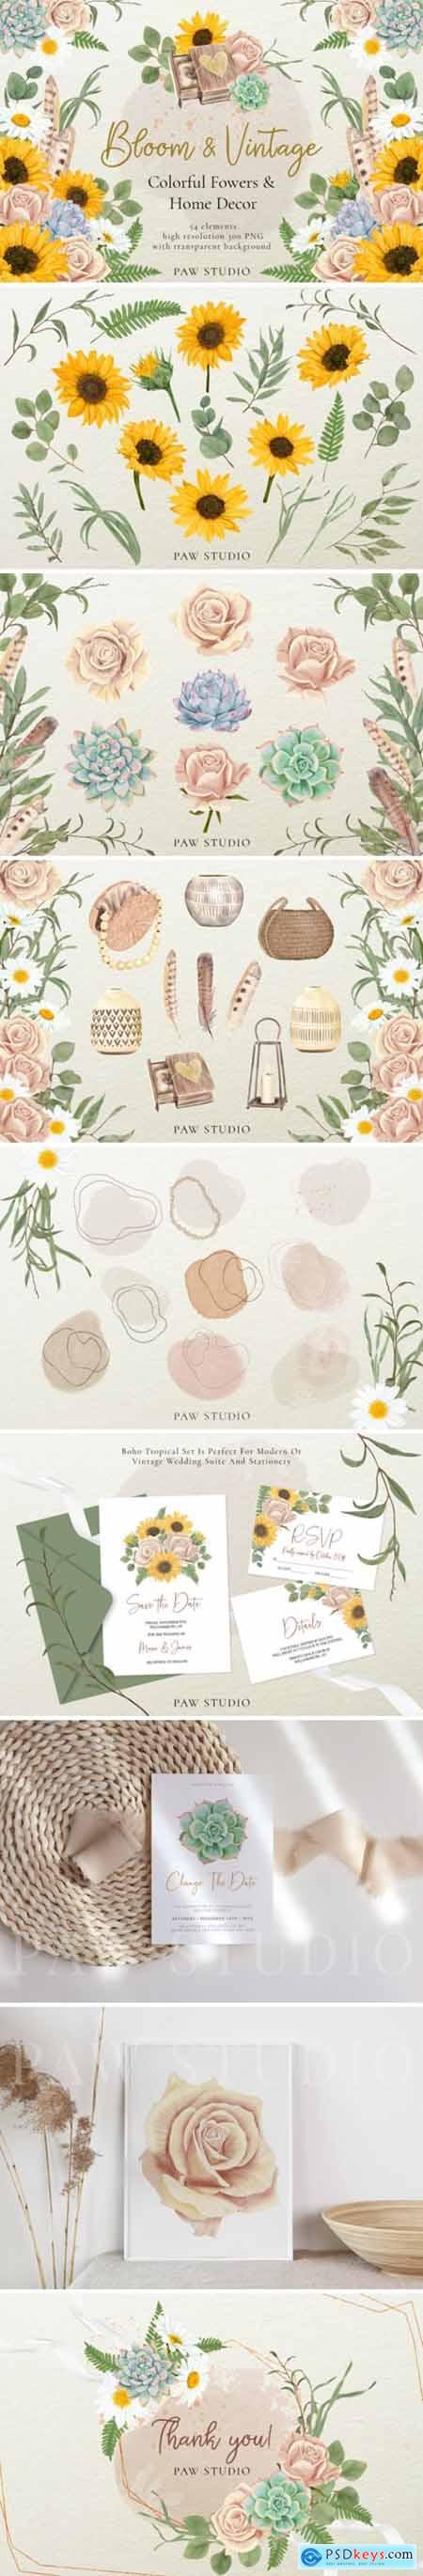 Bloom & Vintage Graphic Flowers, Leaves 4195581